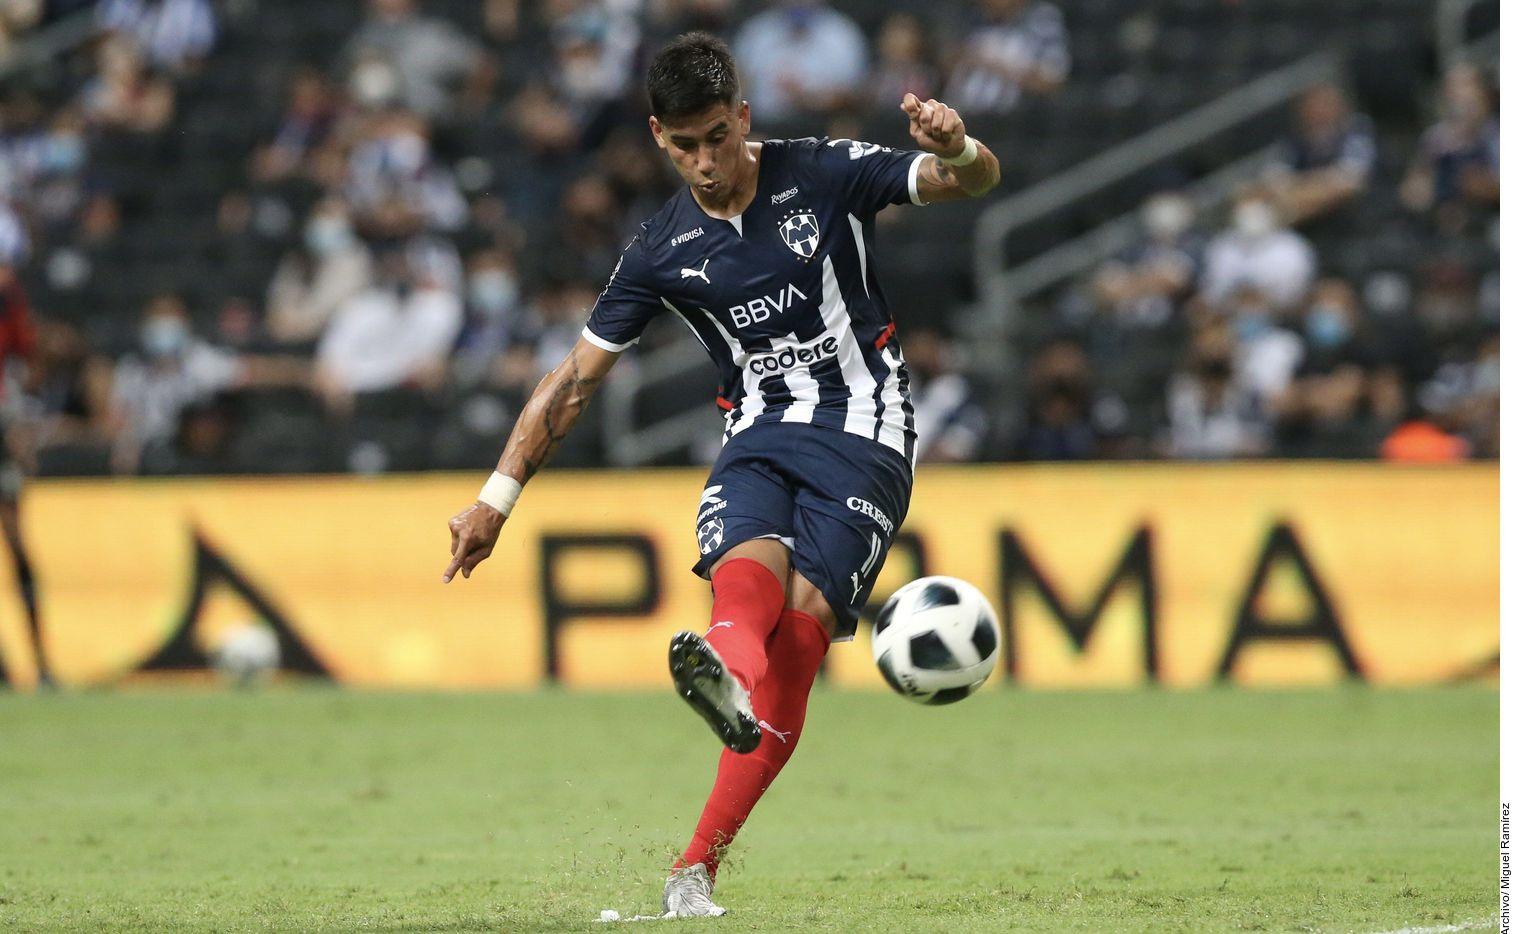 Maximiliano Meza (foto) llegó a Rayados para el Clausura 2019 proveniente del Independiente y Sánchez en el Clausura 2017 tras jugar con el Racing.